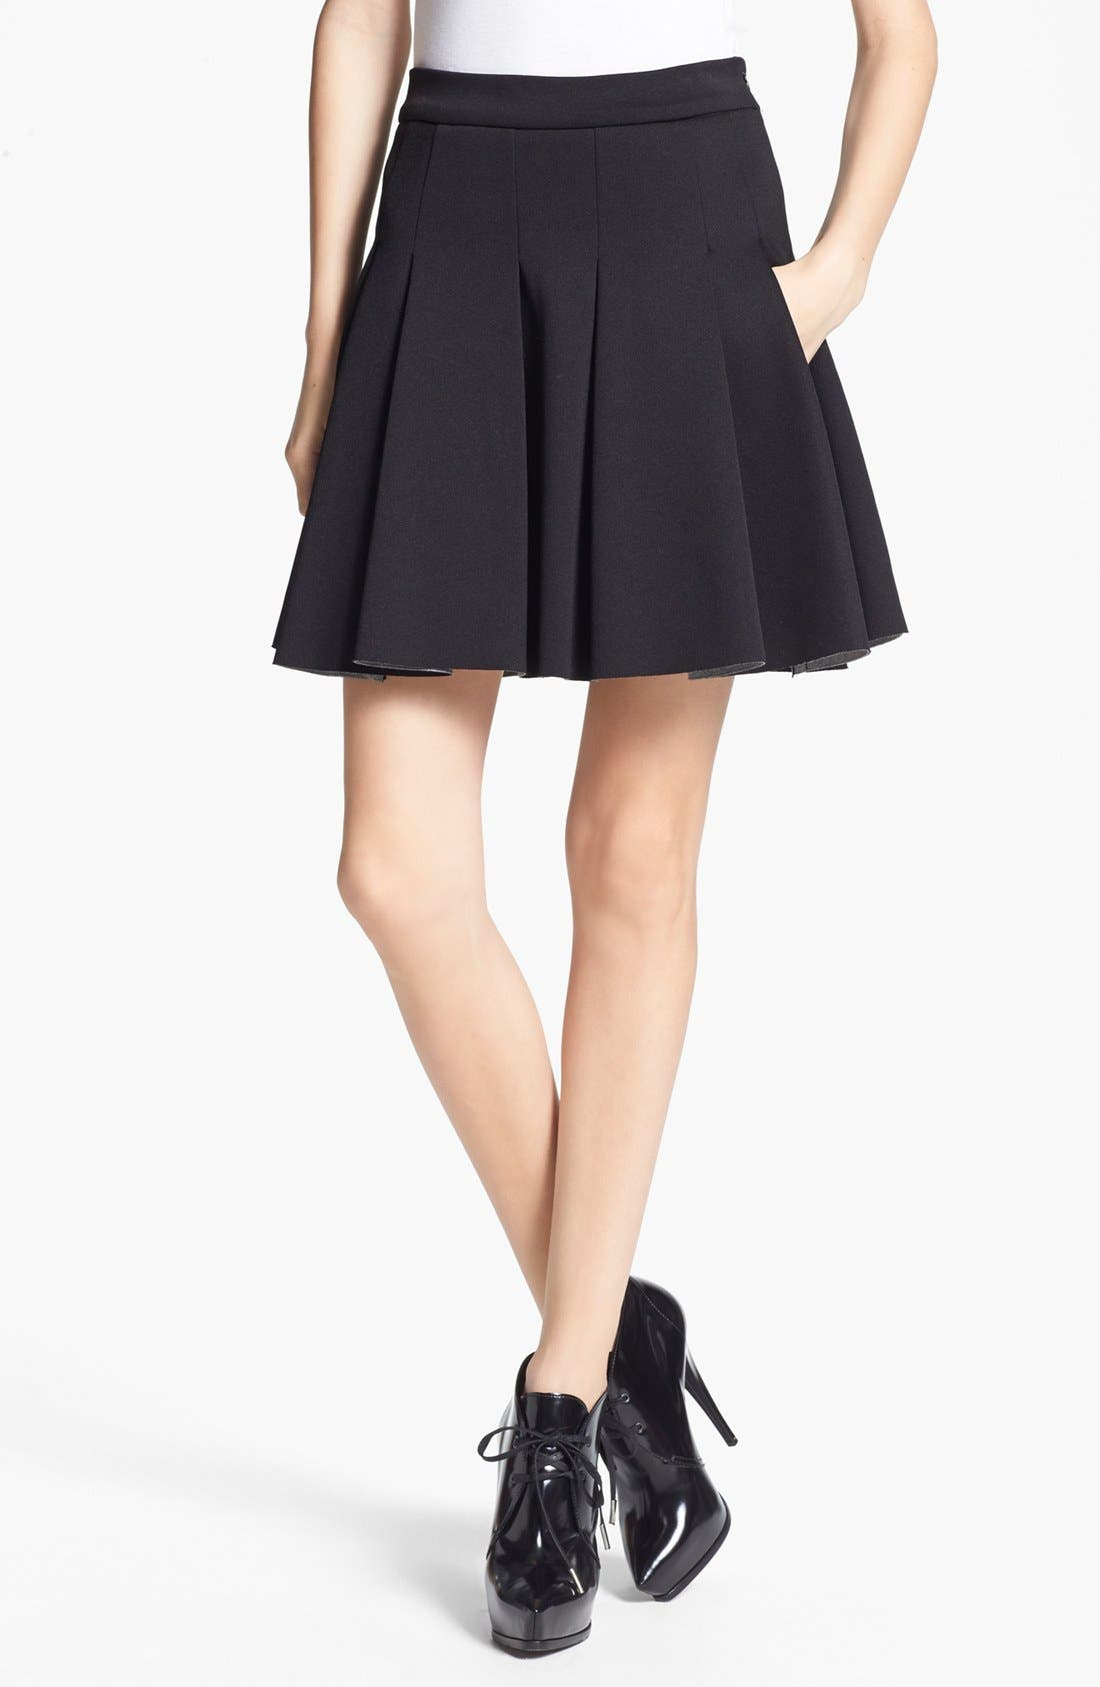 Alternate Image 1 Selected - T by Alexander Wang Bonded Jersey & Neoprene Skirt